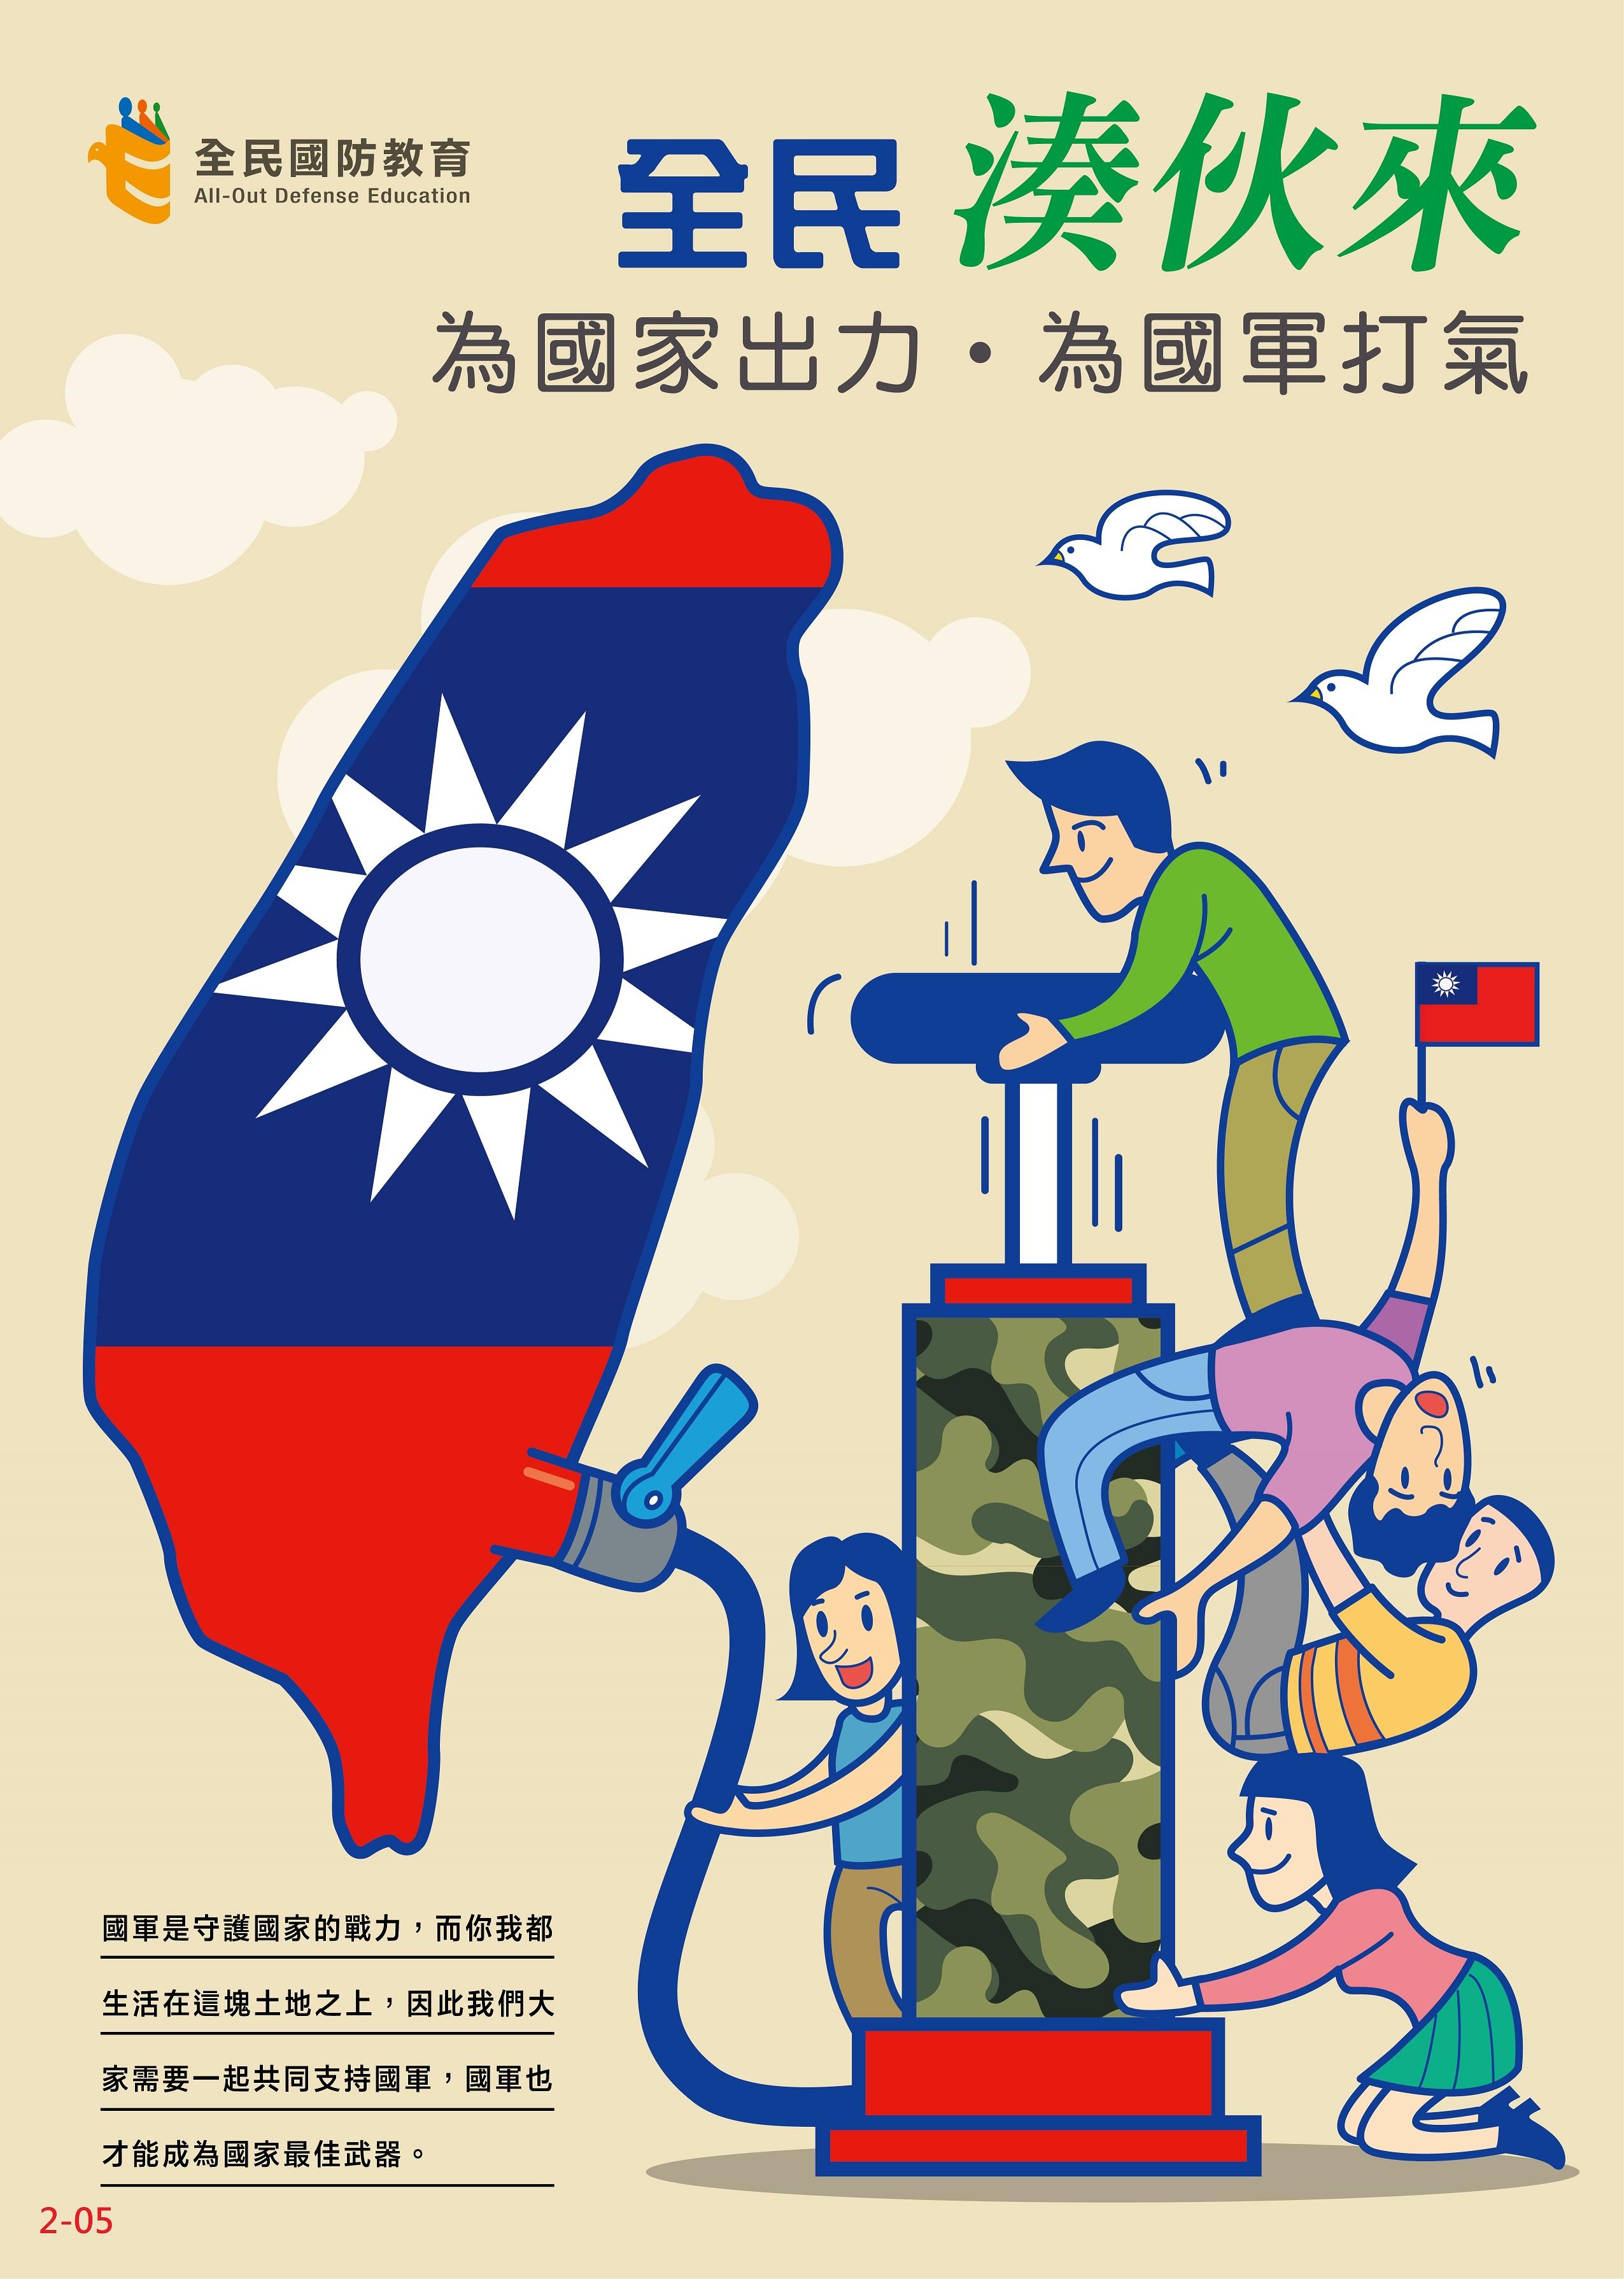 第1名-俞O螢(聖約翰科技大學).jpg